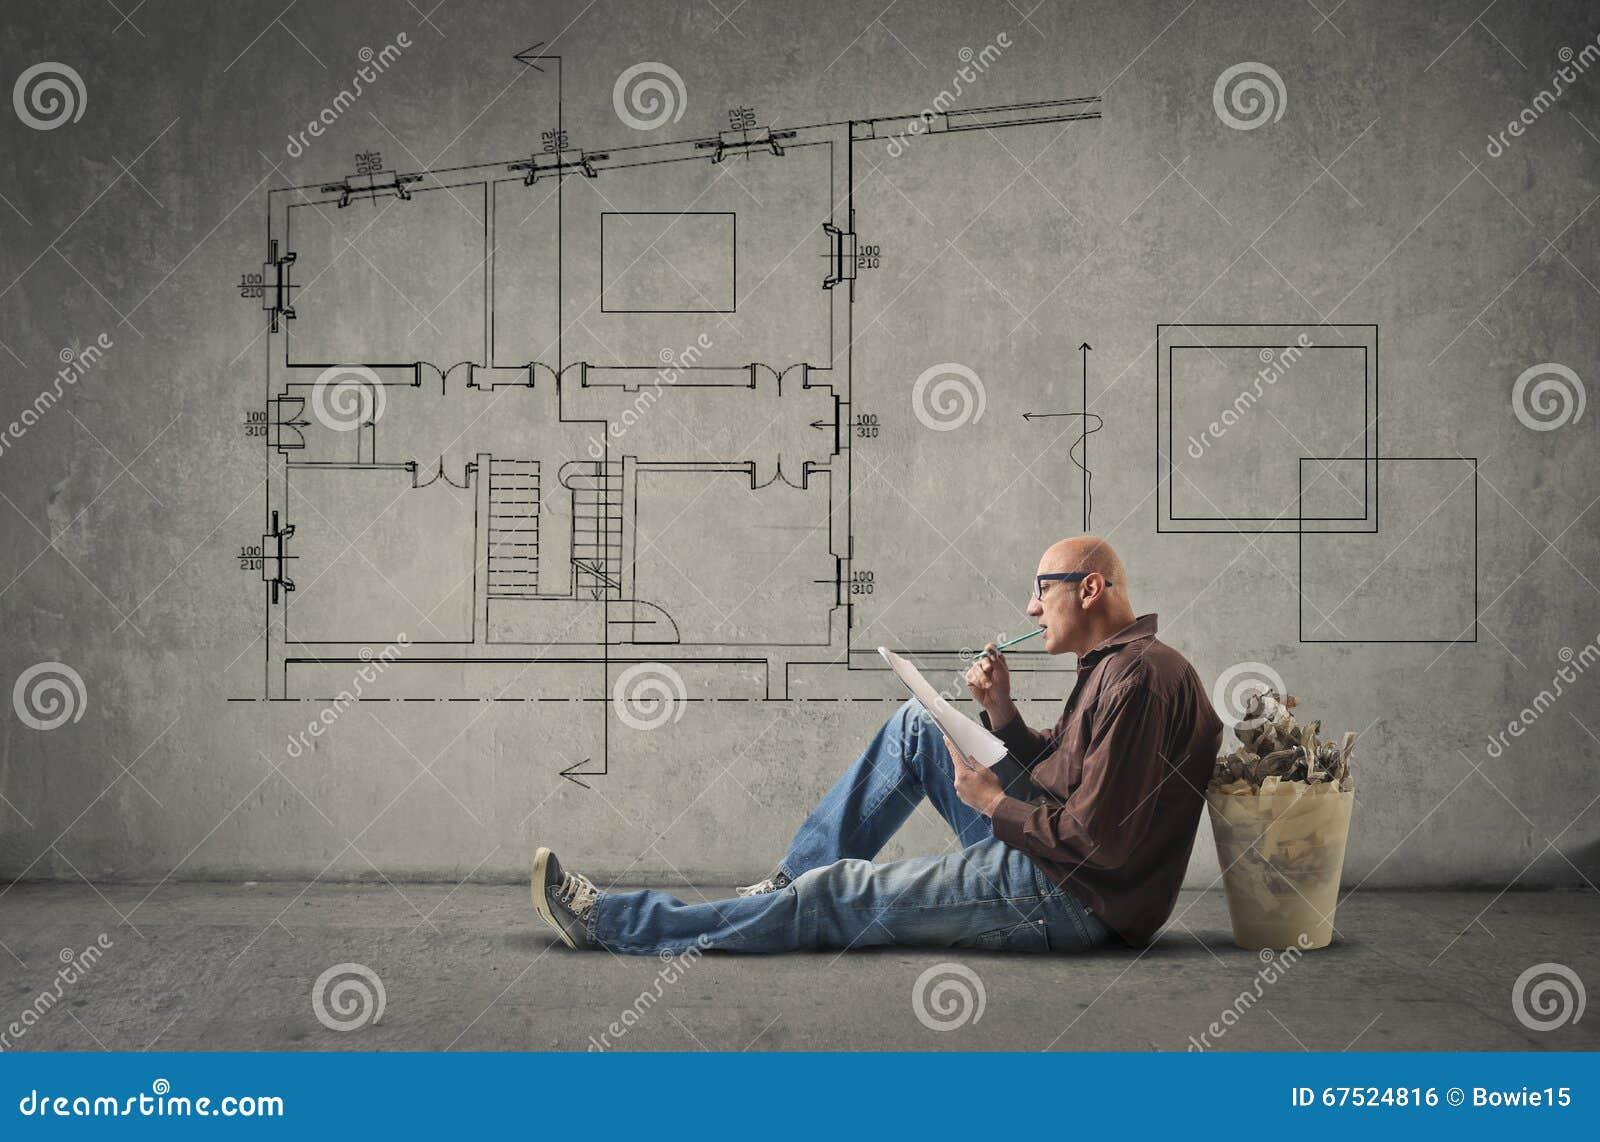 Architecte concevant une maison